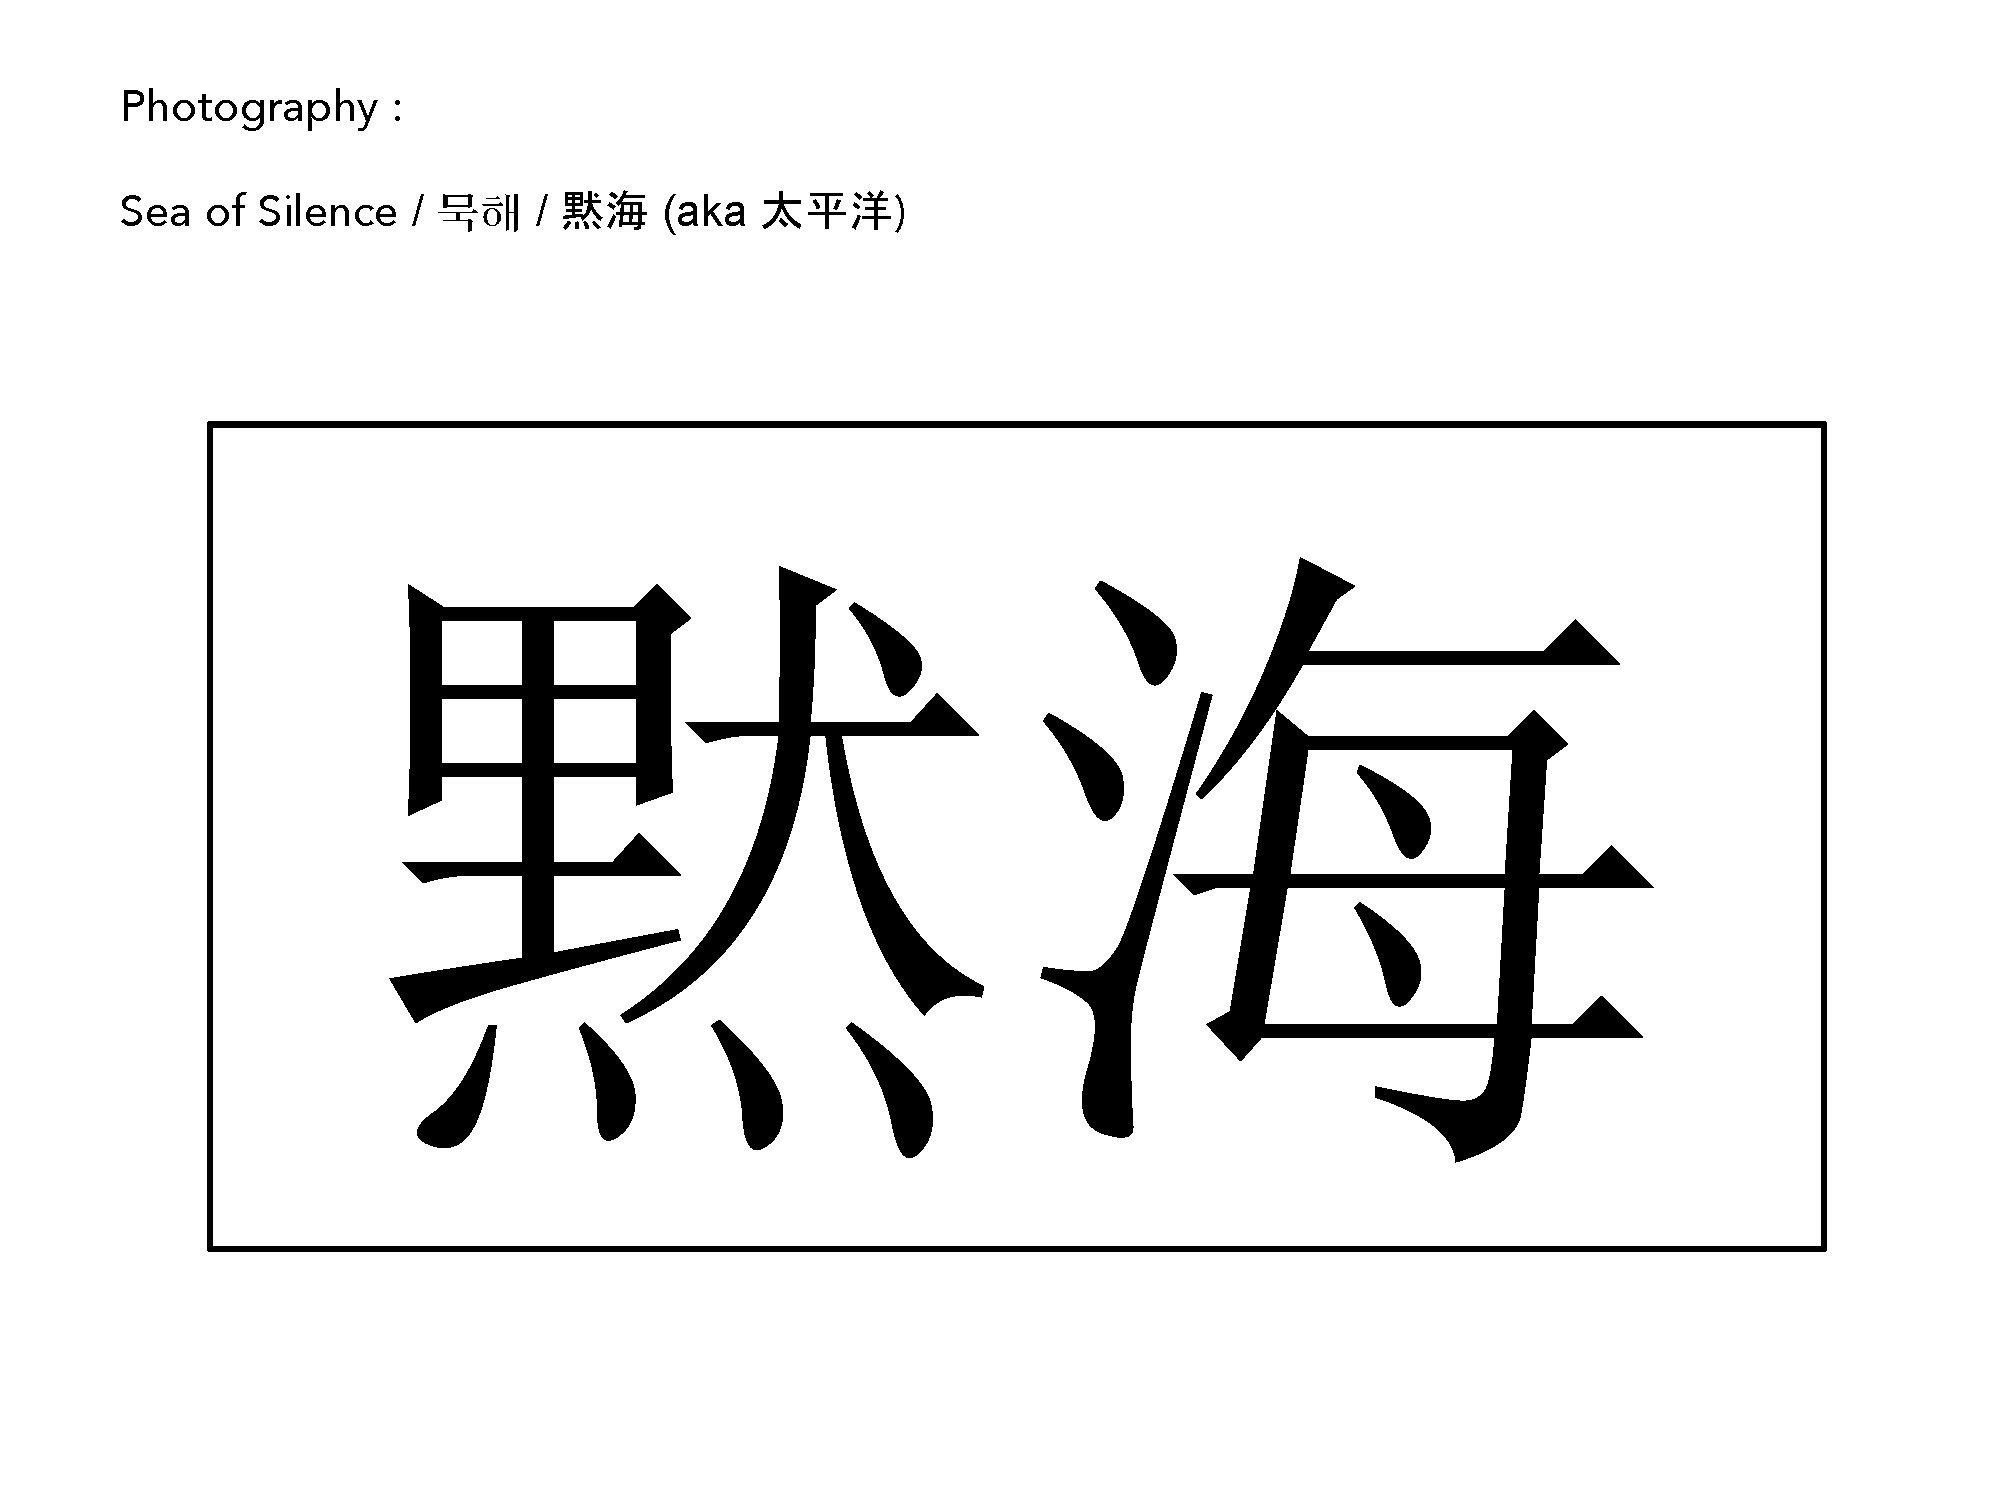 김준표 포트폴리오_Page_41.jpg